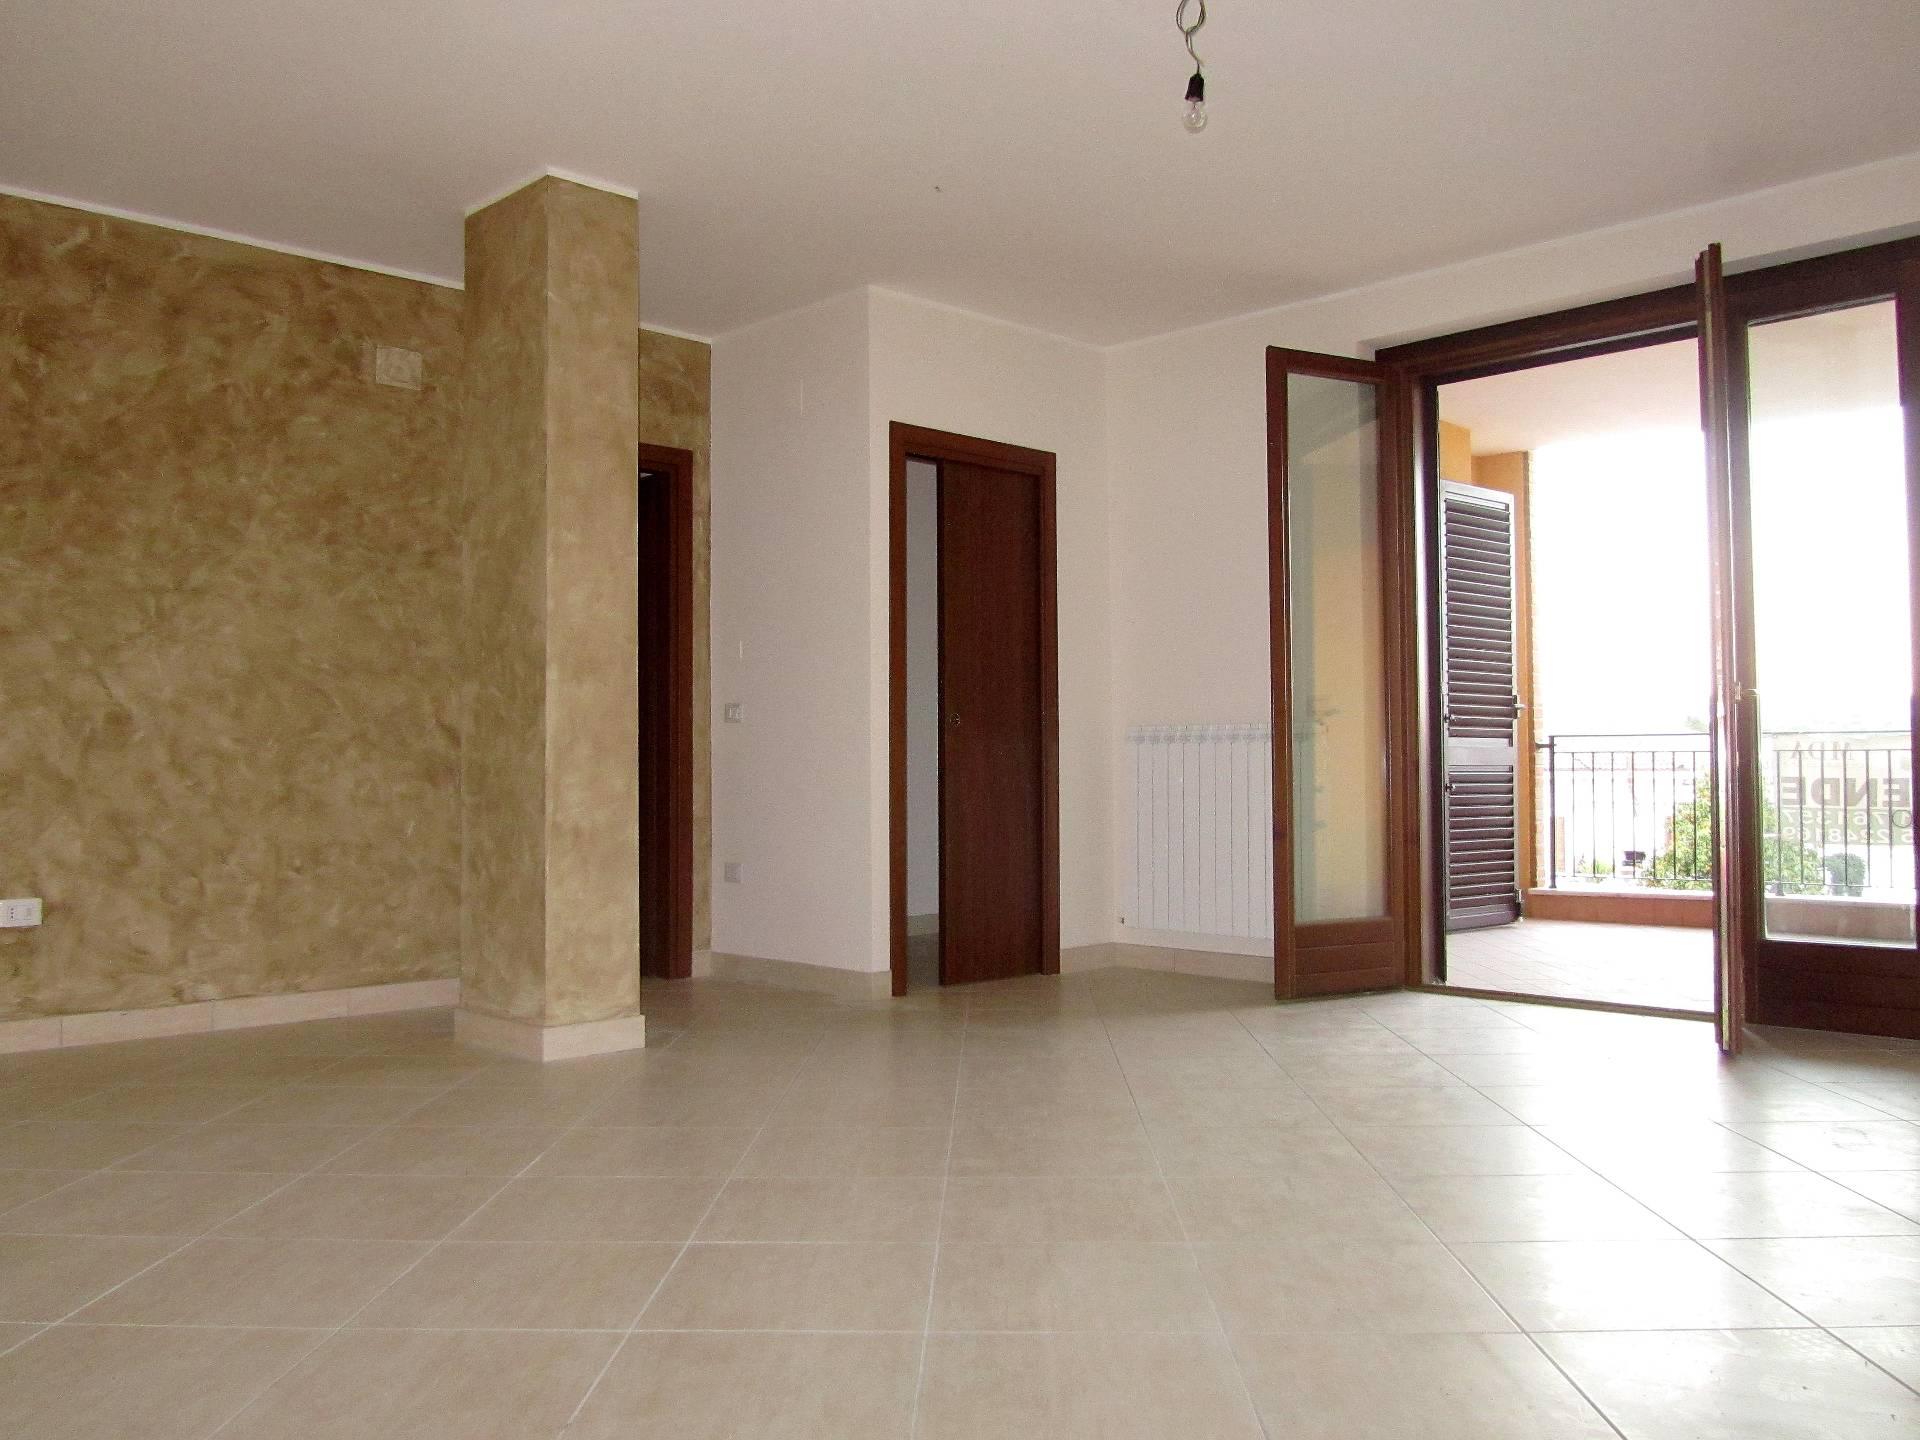 Appartamento in vendita a Corropoli, 5 locali, prezzo € 110.000   CambioCasa.it